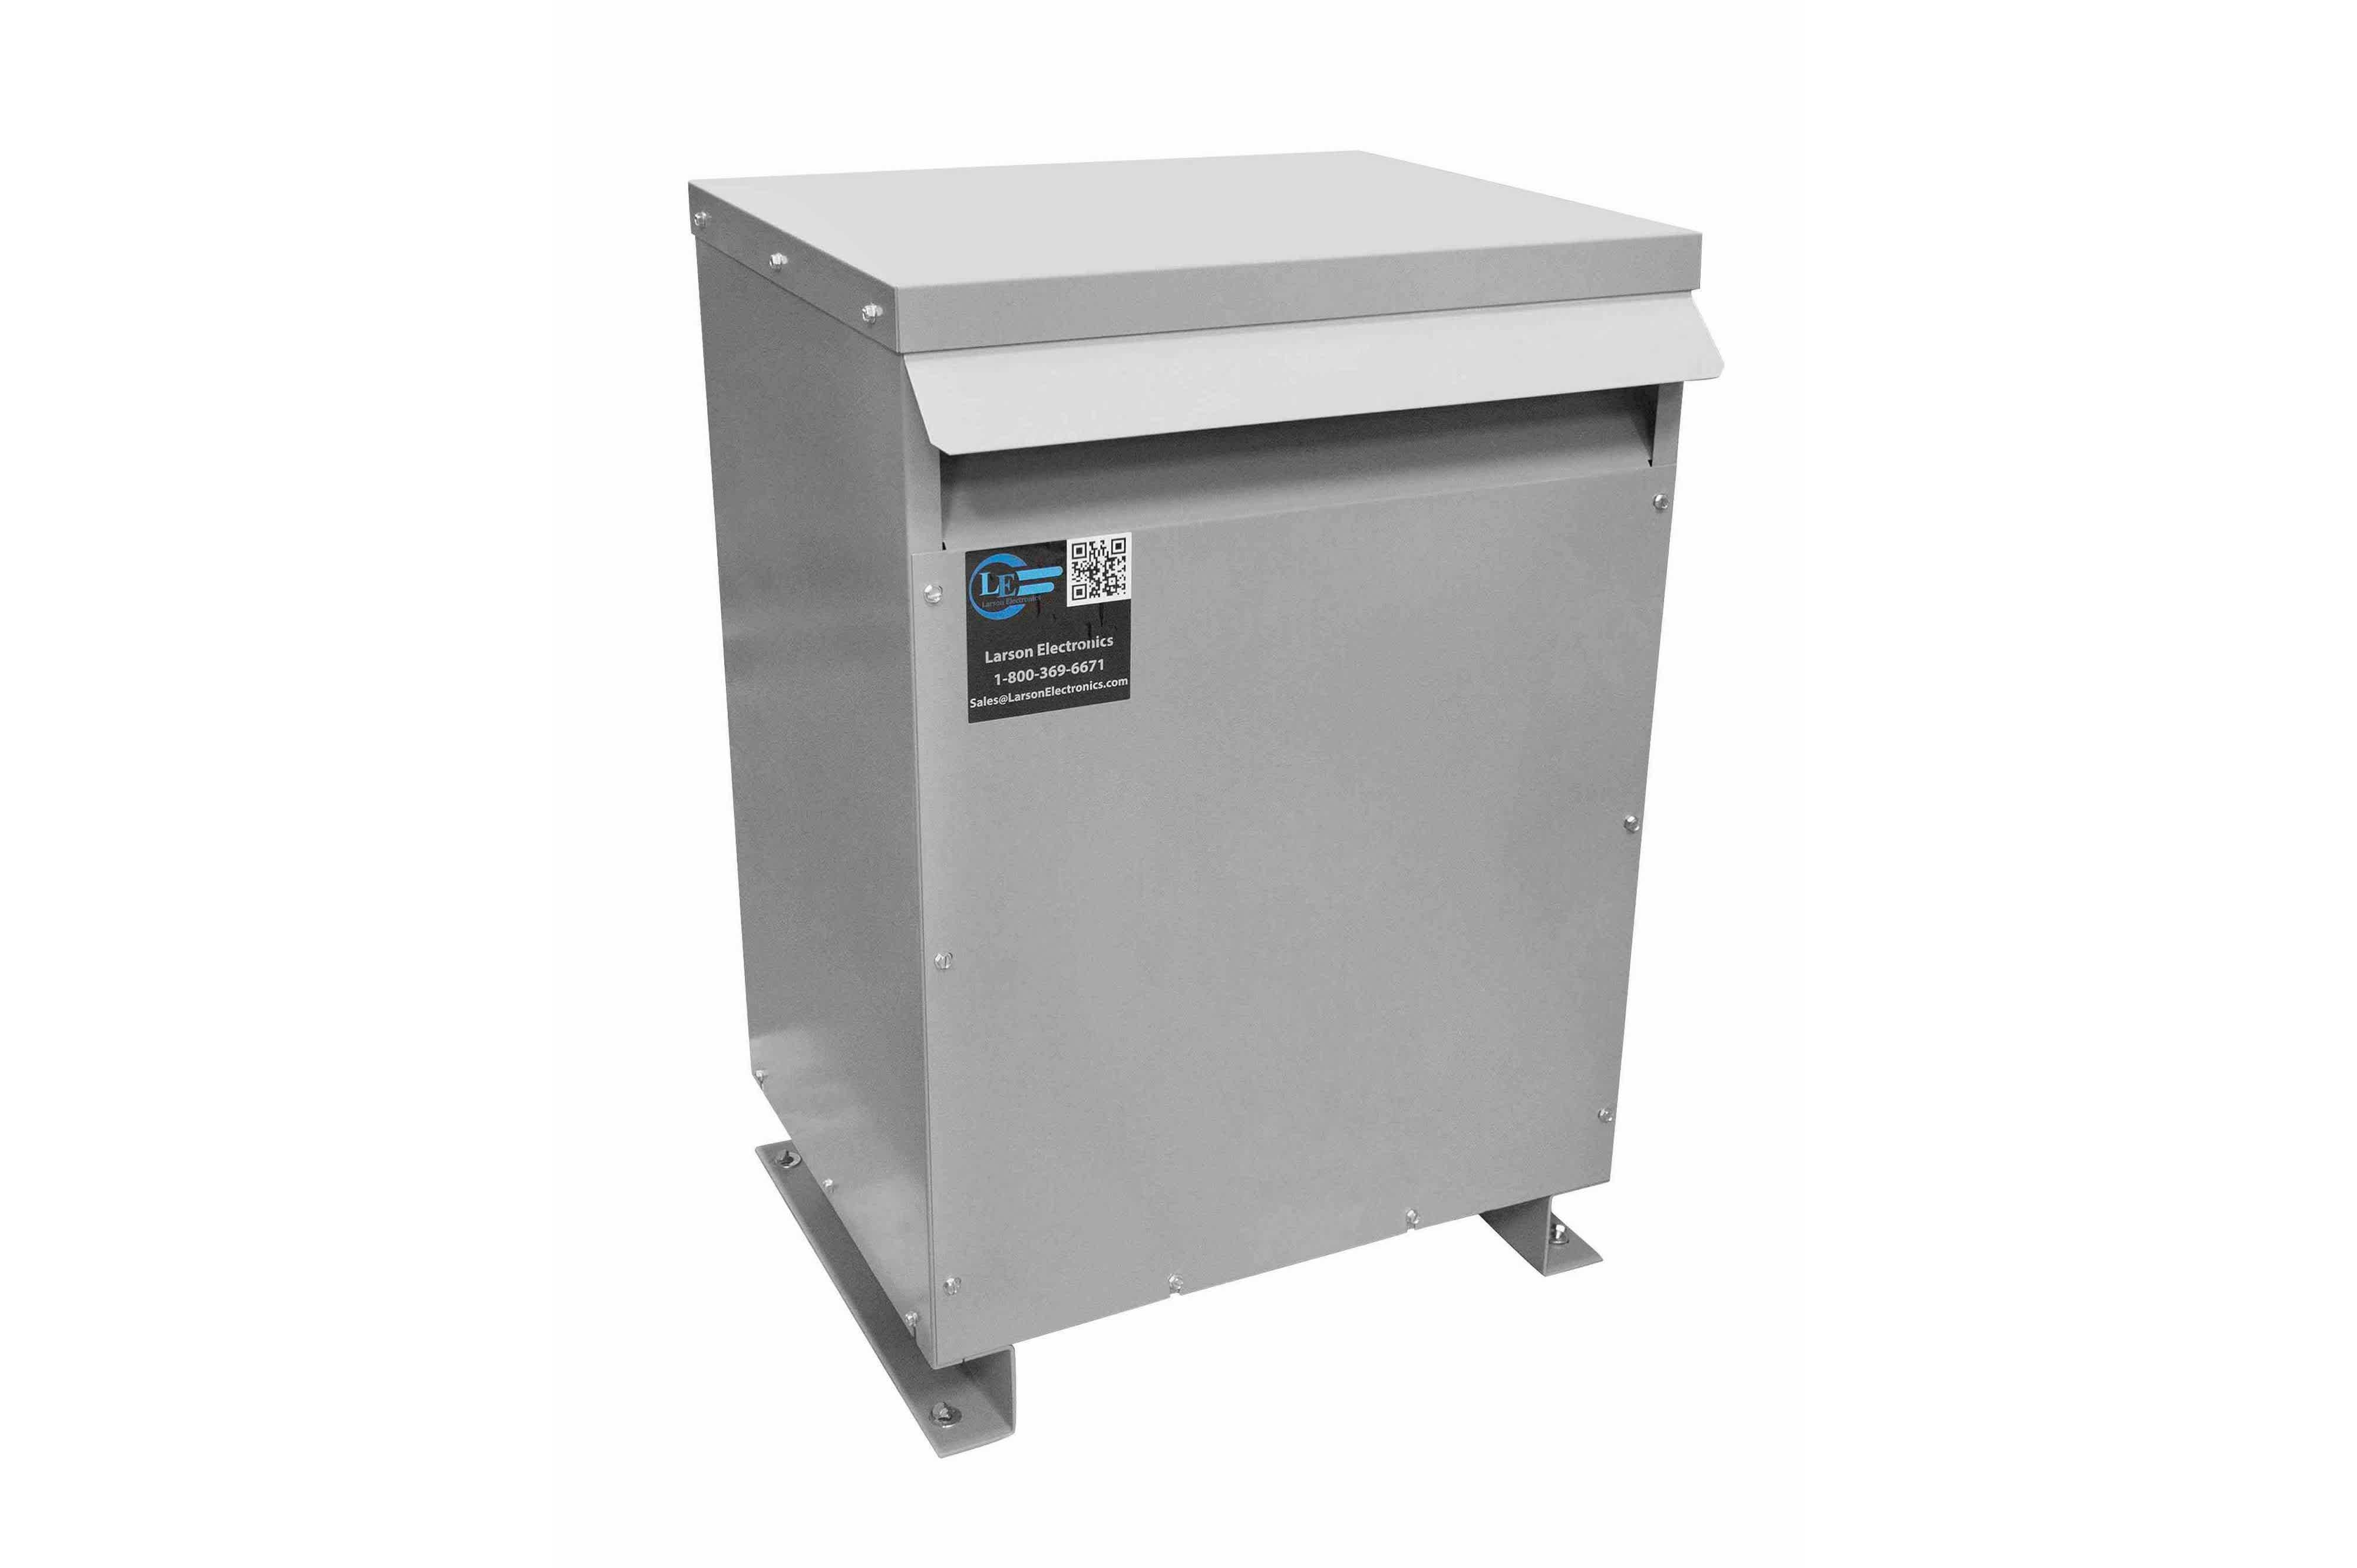 300 kVA 3PH Isolation Transformer, 400V Delta Primary, 240 Delta Secondary, N3R, Ventilated, 60 Hz